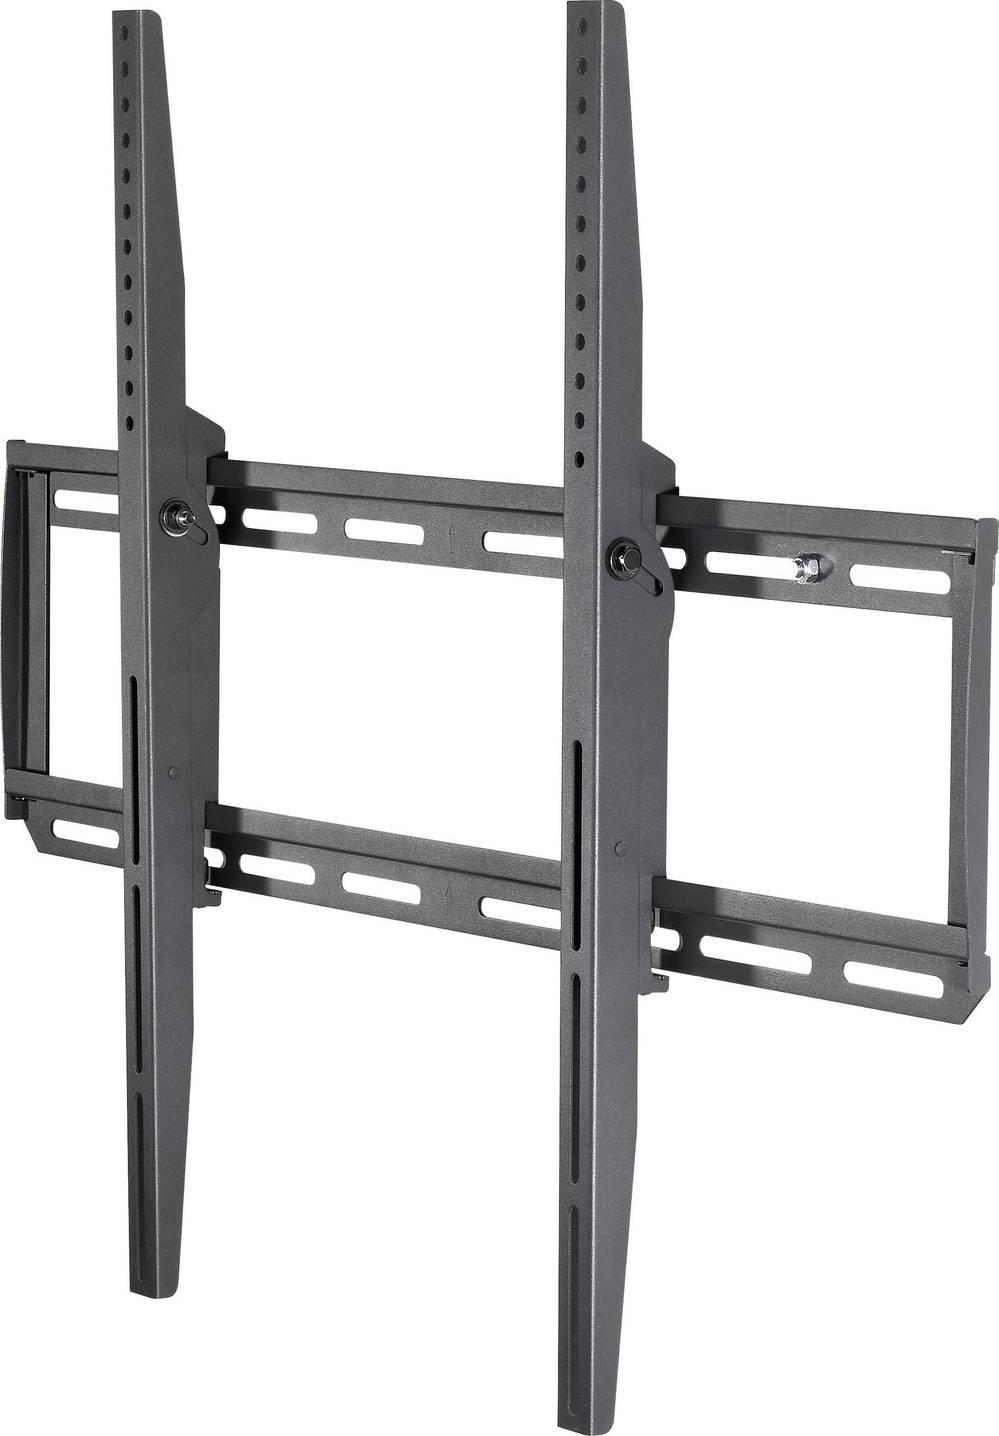 suport tv de perete speaka 102 cm 165 cm 40 65. Black Bedroom Furniture Sets. Home Design Ideas